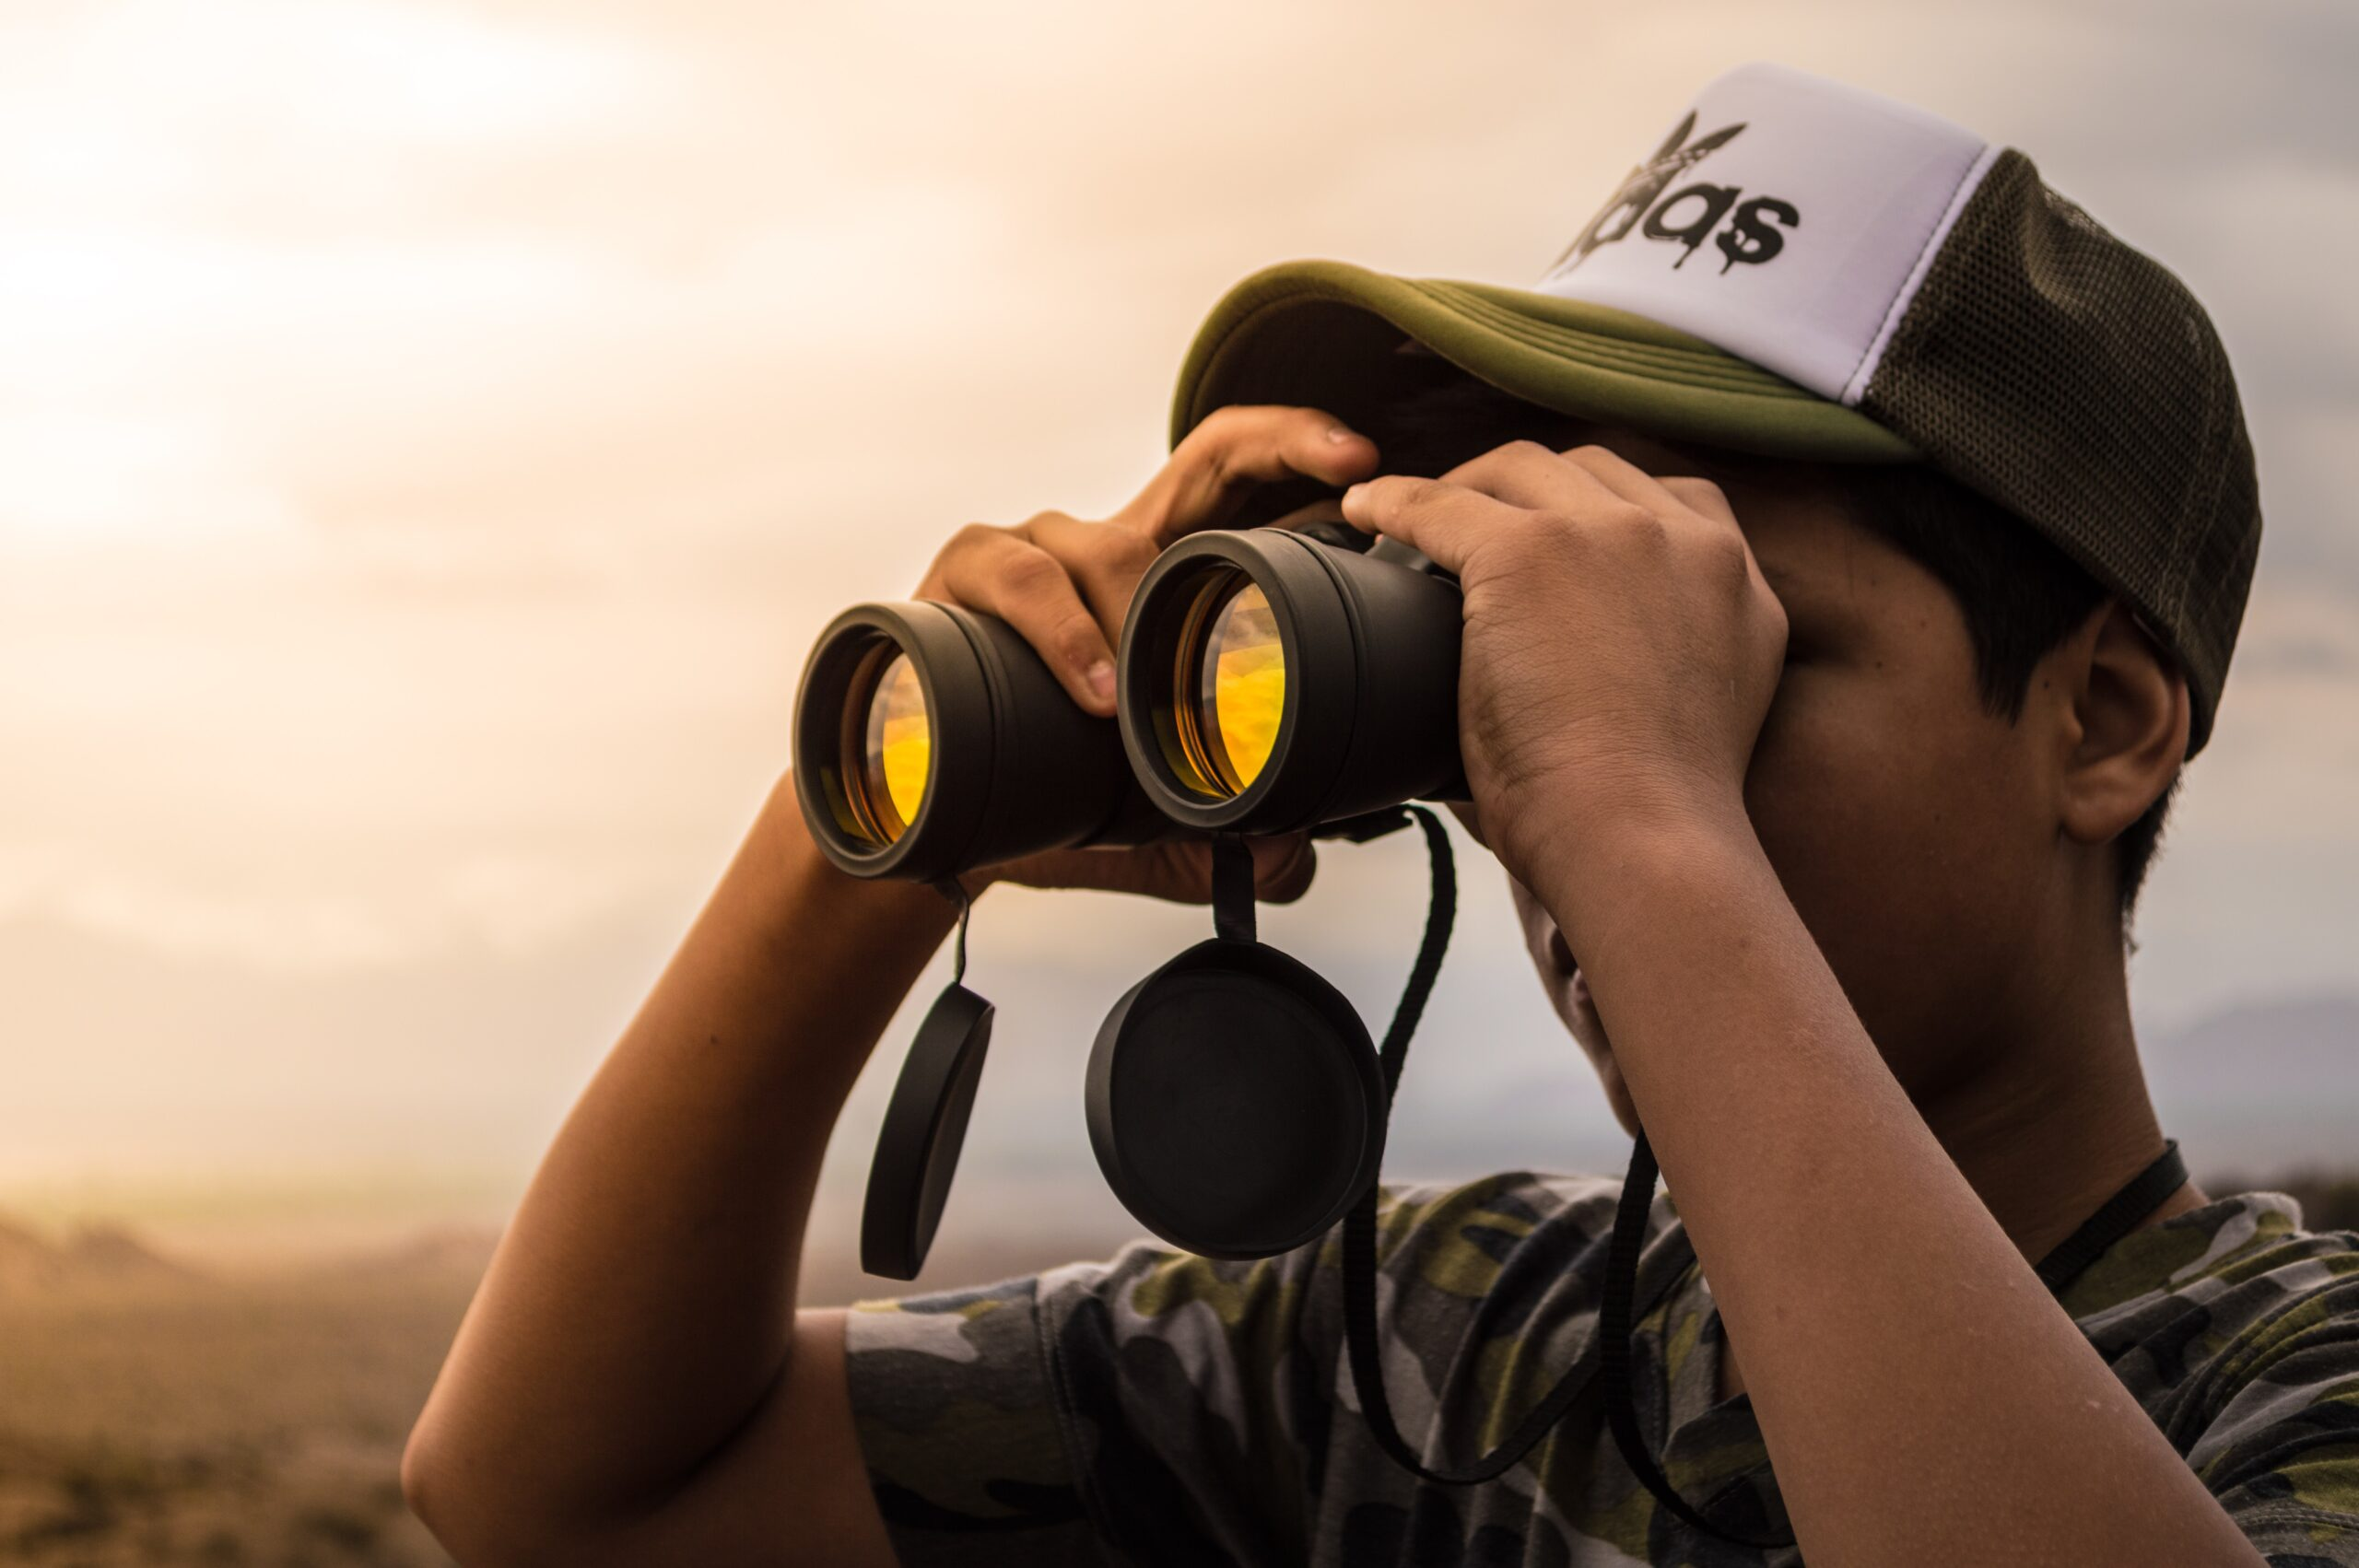 binocular-cap-clouds-802412